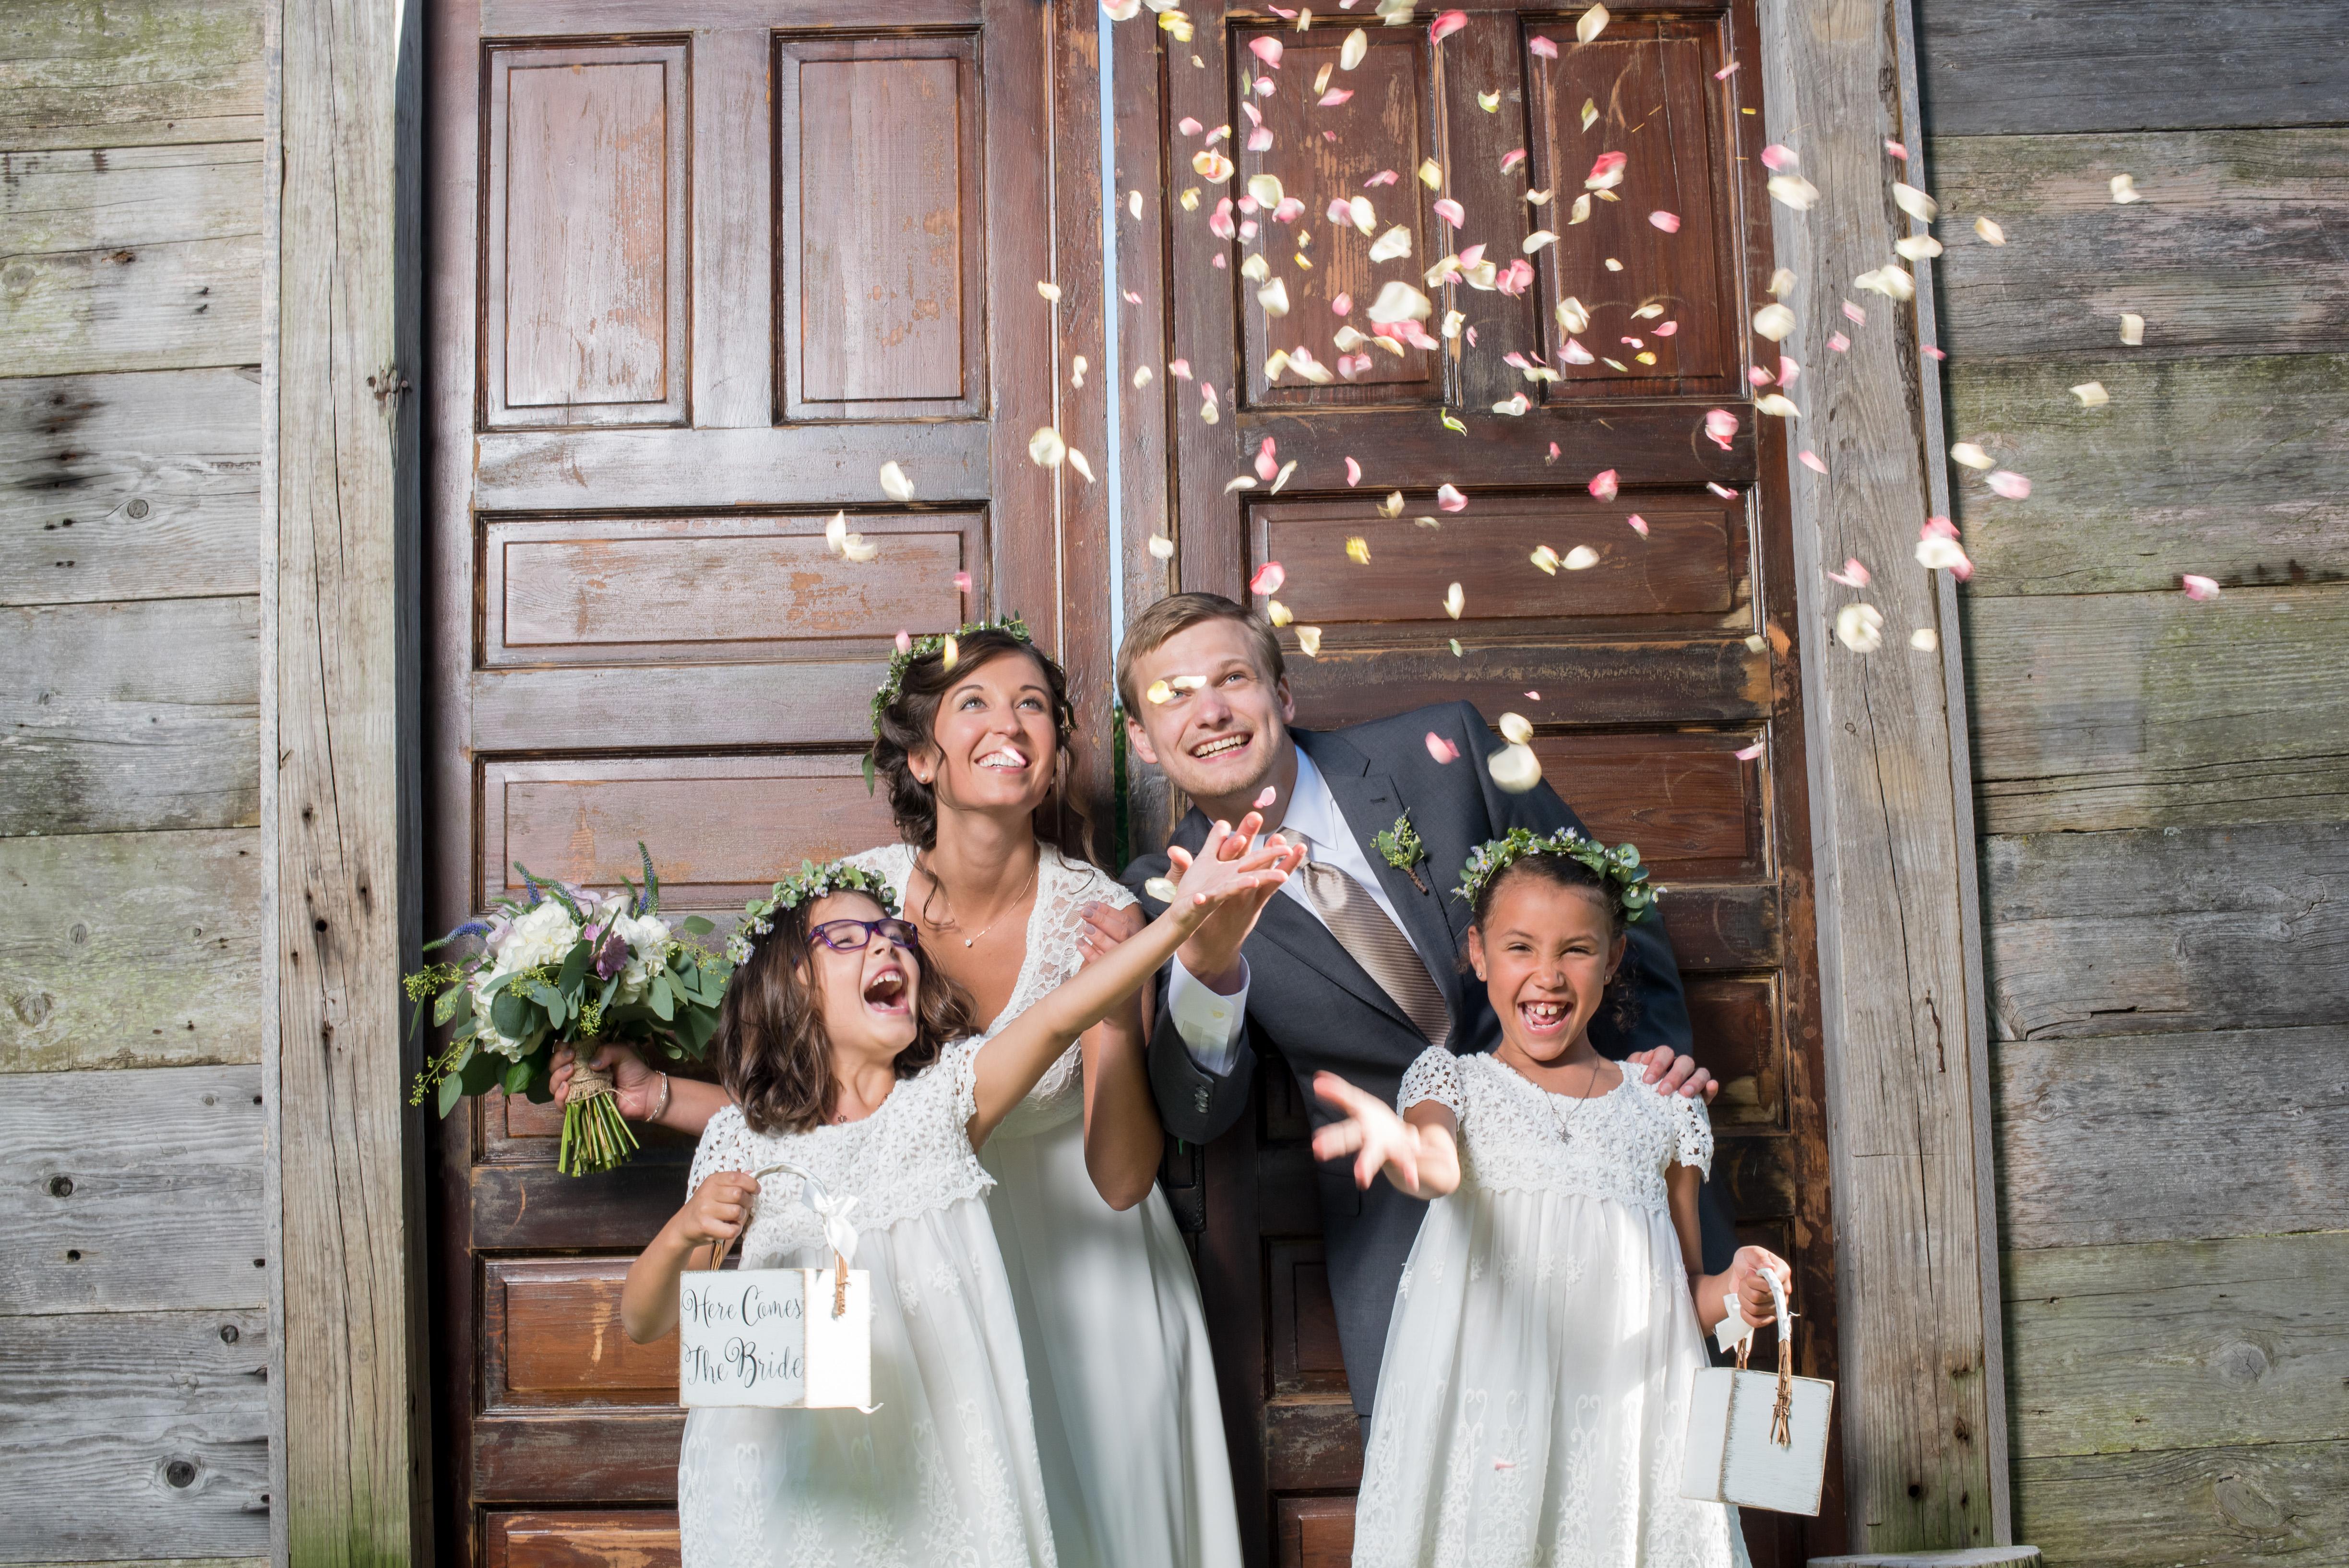 Milwaukee Wedding Photography-Jadon Good Photography_097